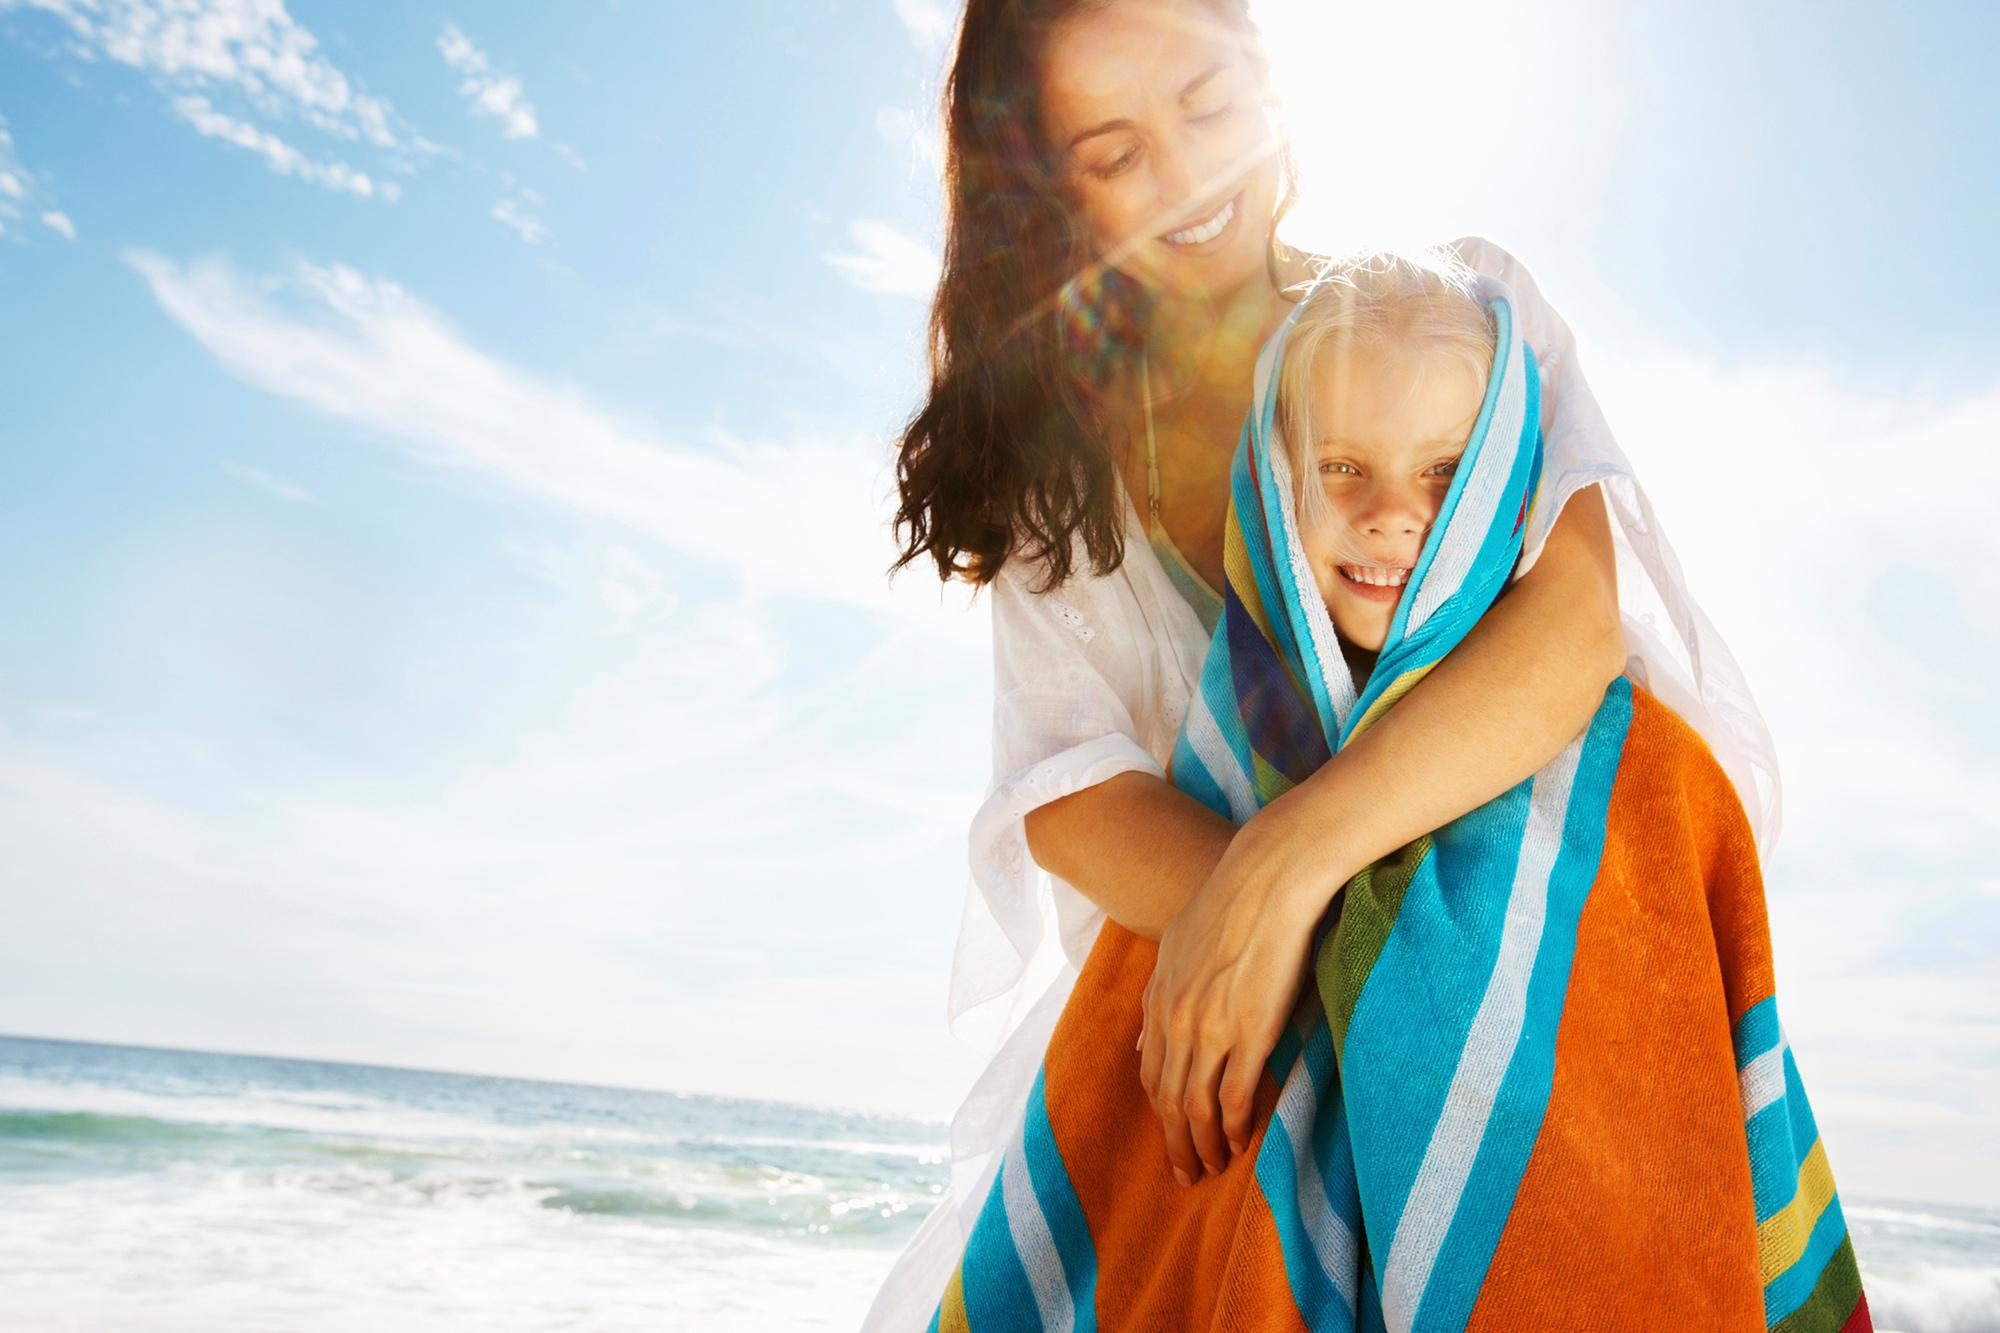 Tui family life blue lagoon princess hotel kalives gulet - Griechenland F R Jeden Unz Hlige M Glichkeiten Mit Den Tui Reise Angeboten